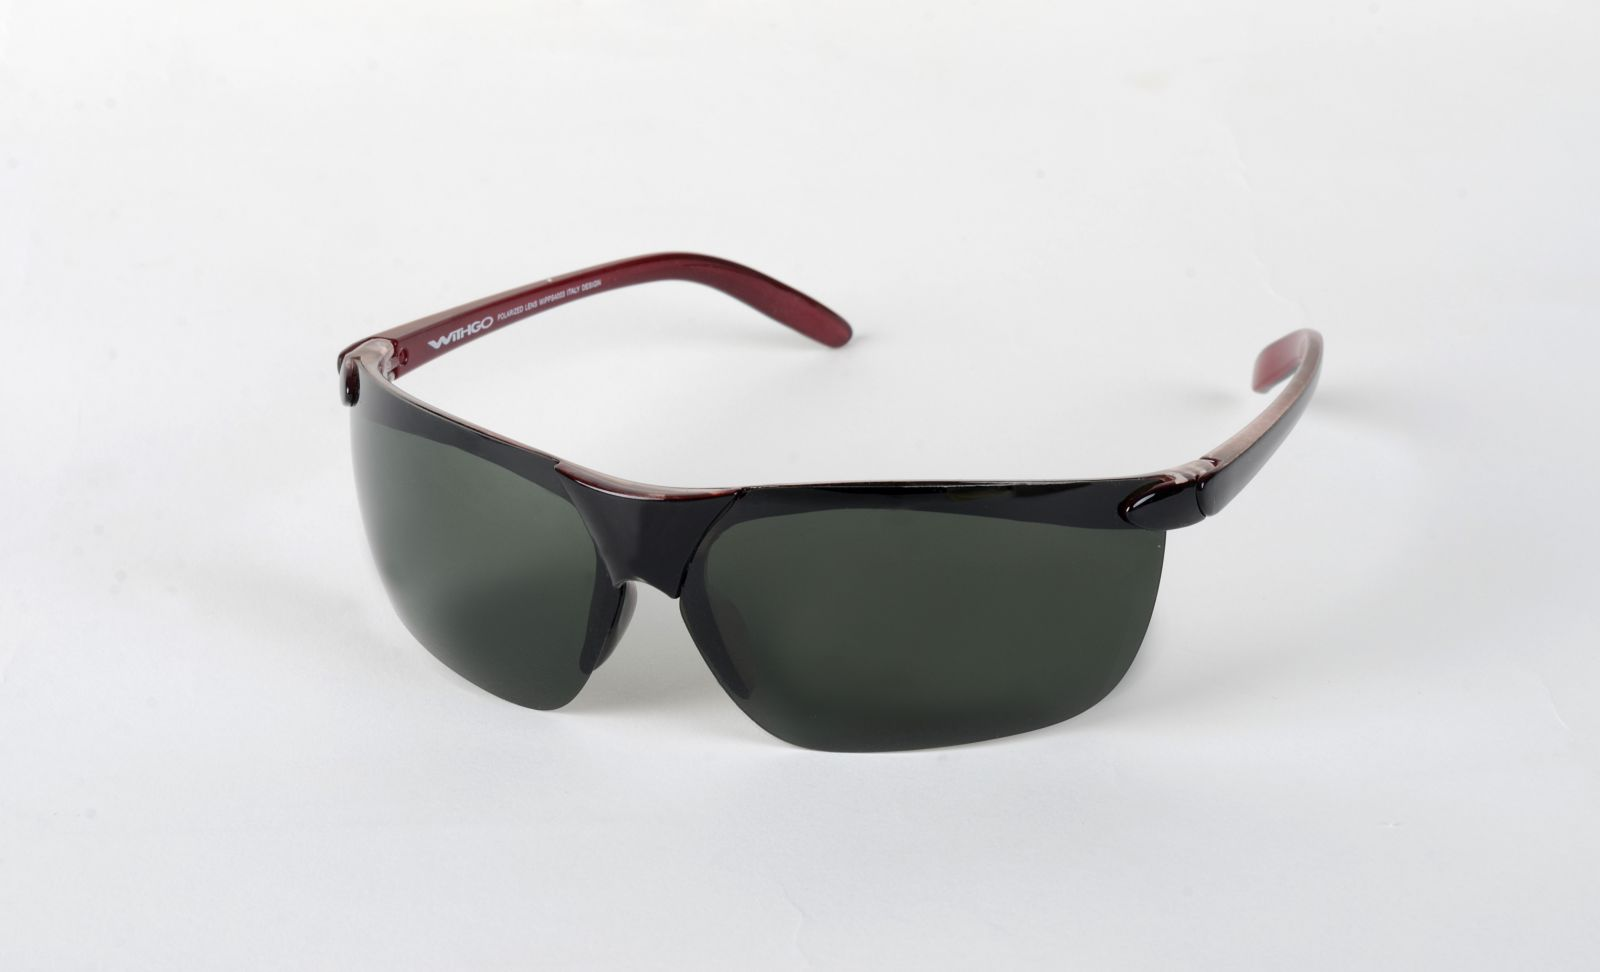 Polarizační brýle 4003 tmavozelené čočky ČČO Cat.3 E-batoh